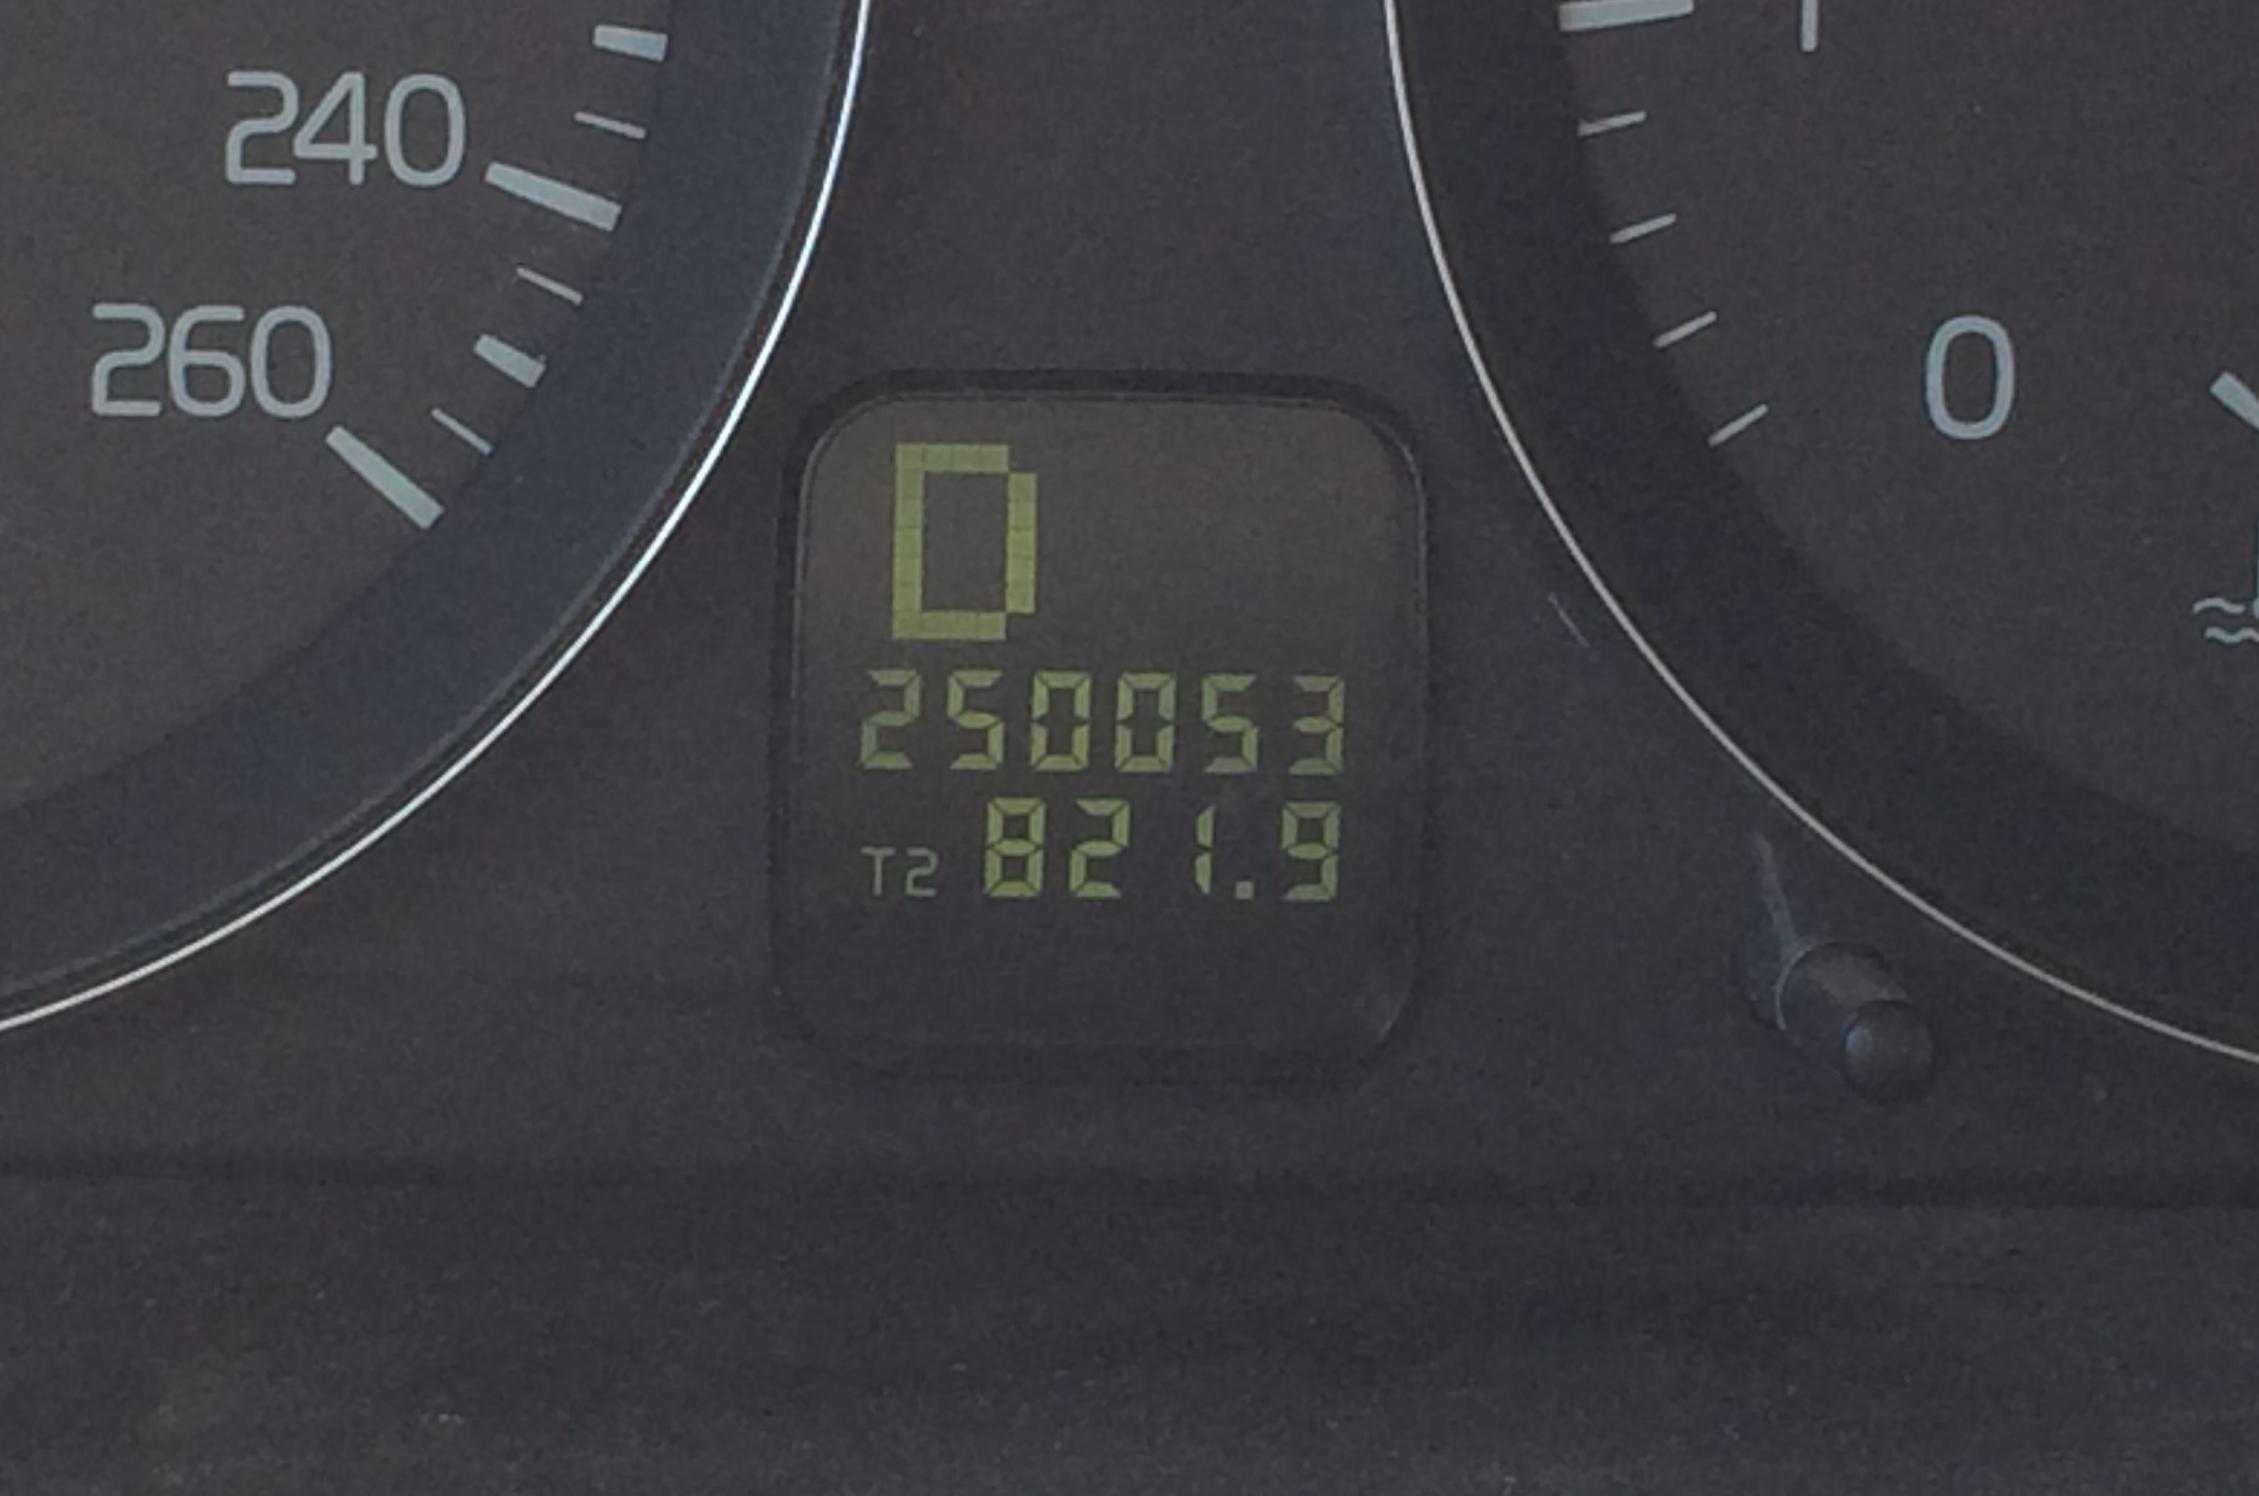 Volvo odometer-1577.JPG